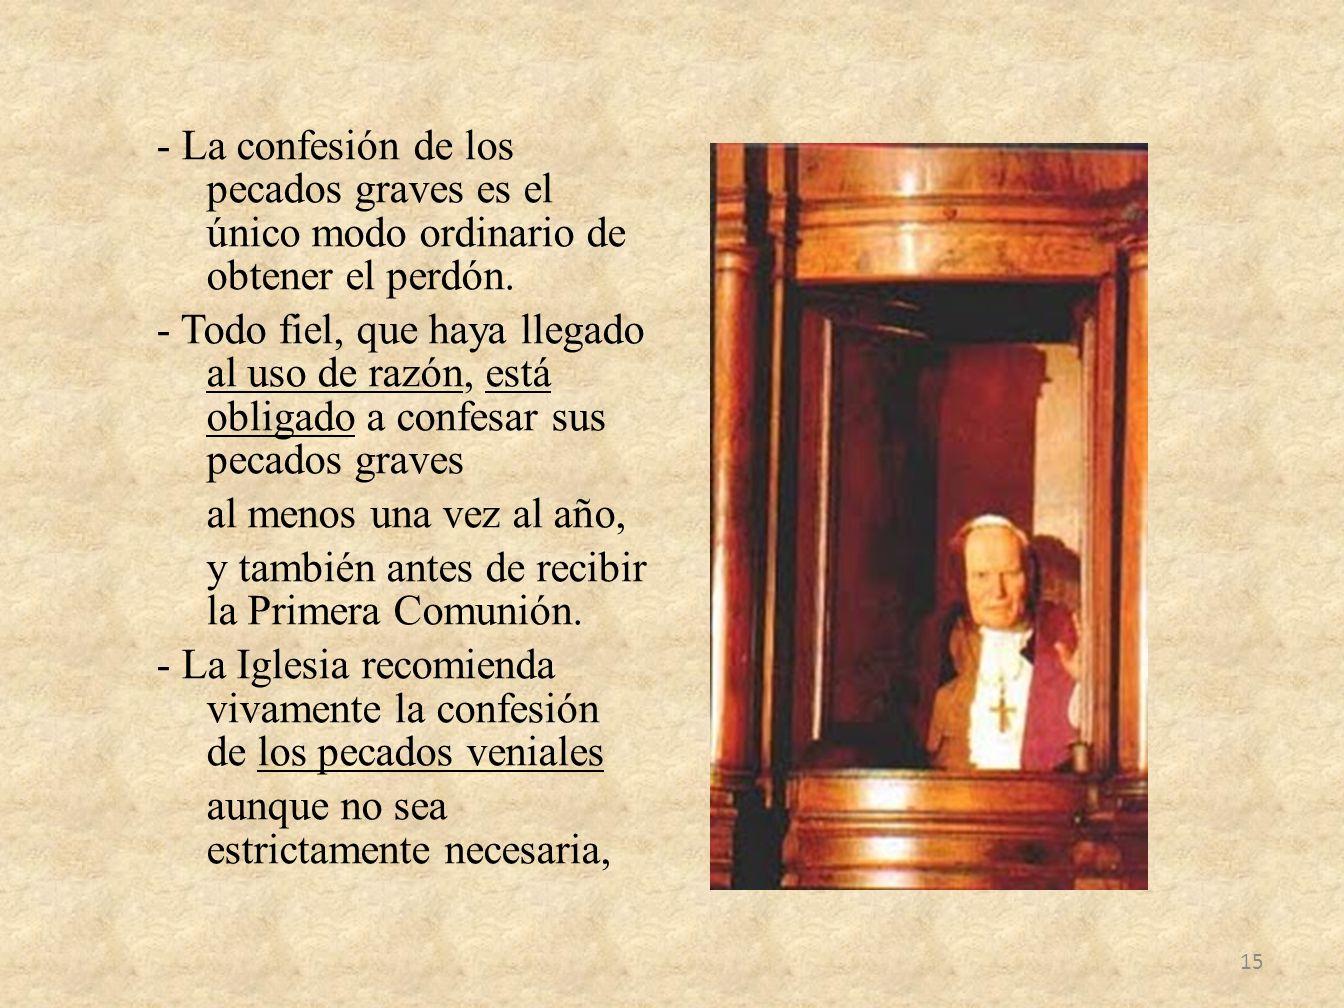 - La confesión de los pecados graves es el único modo ordinario de obtener el perdón. - Todo fiel, que haya llegado al uso de razón, está obligado a c